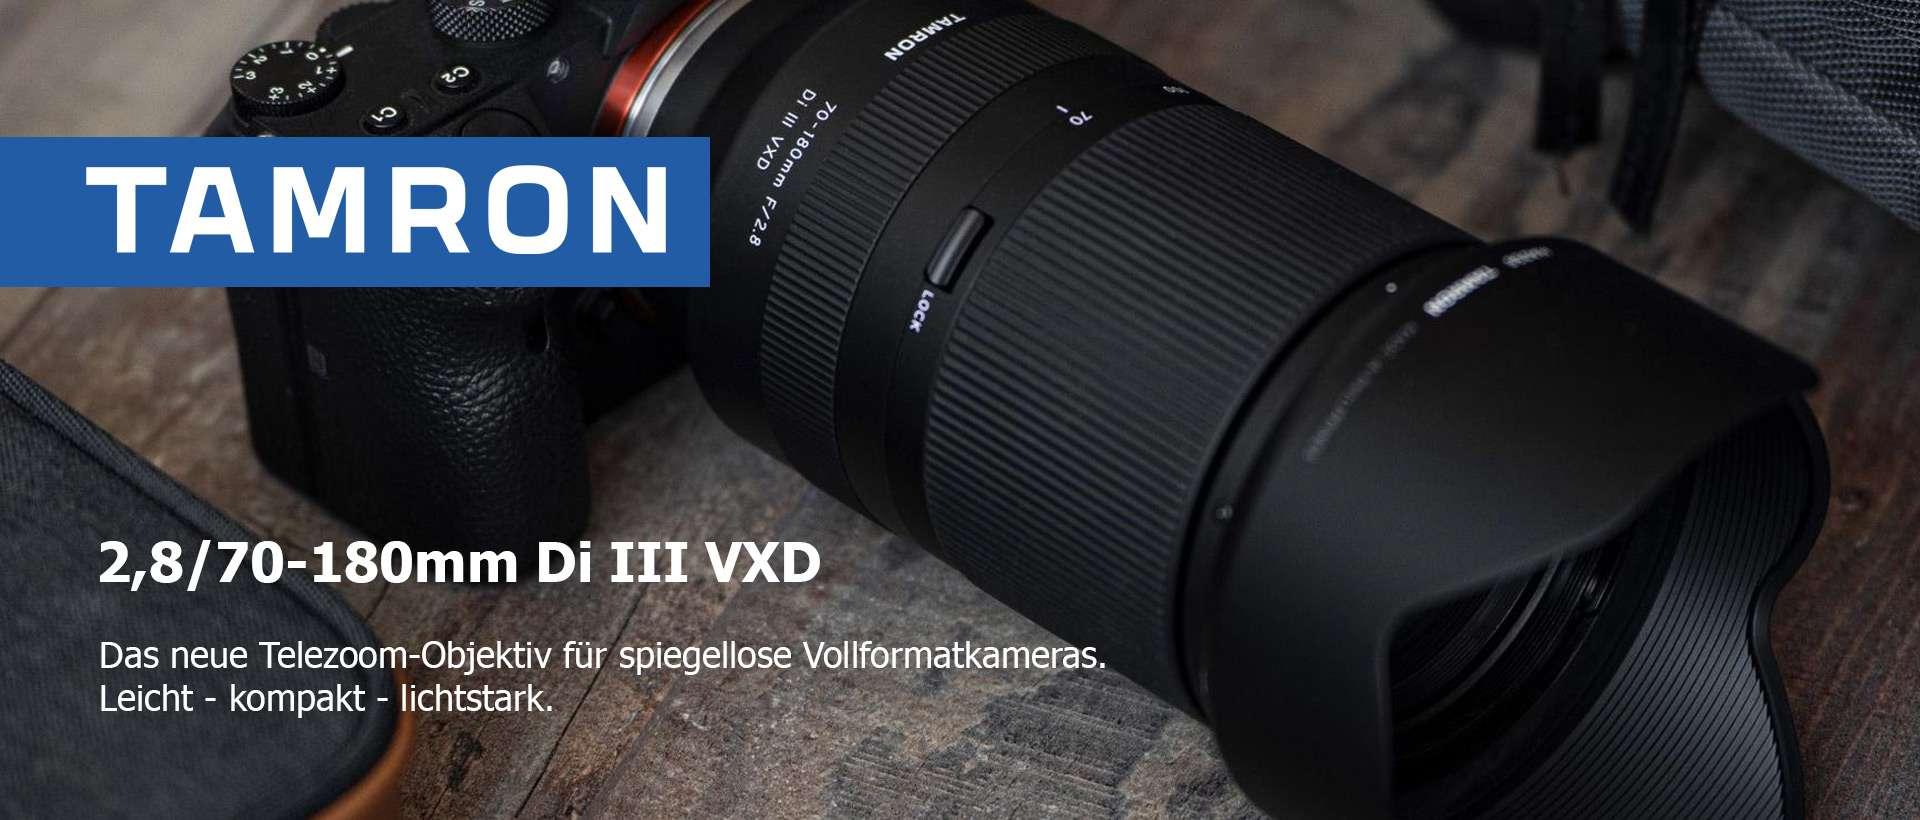 Tamron 2,8/70-180mm Di III VXD